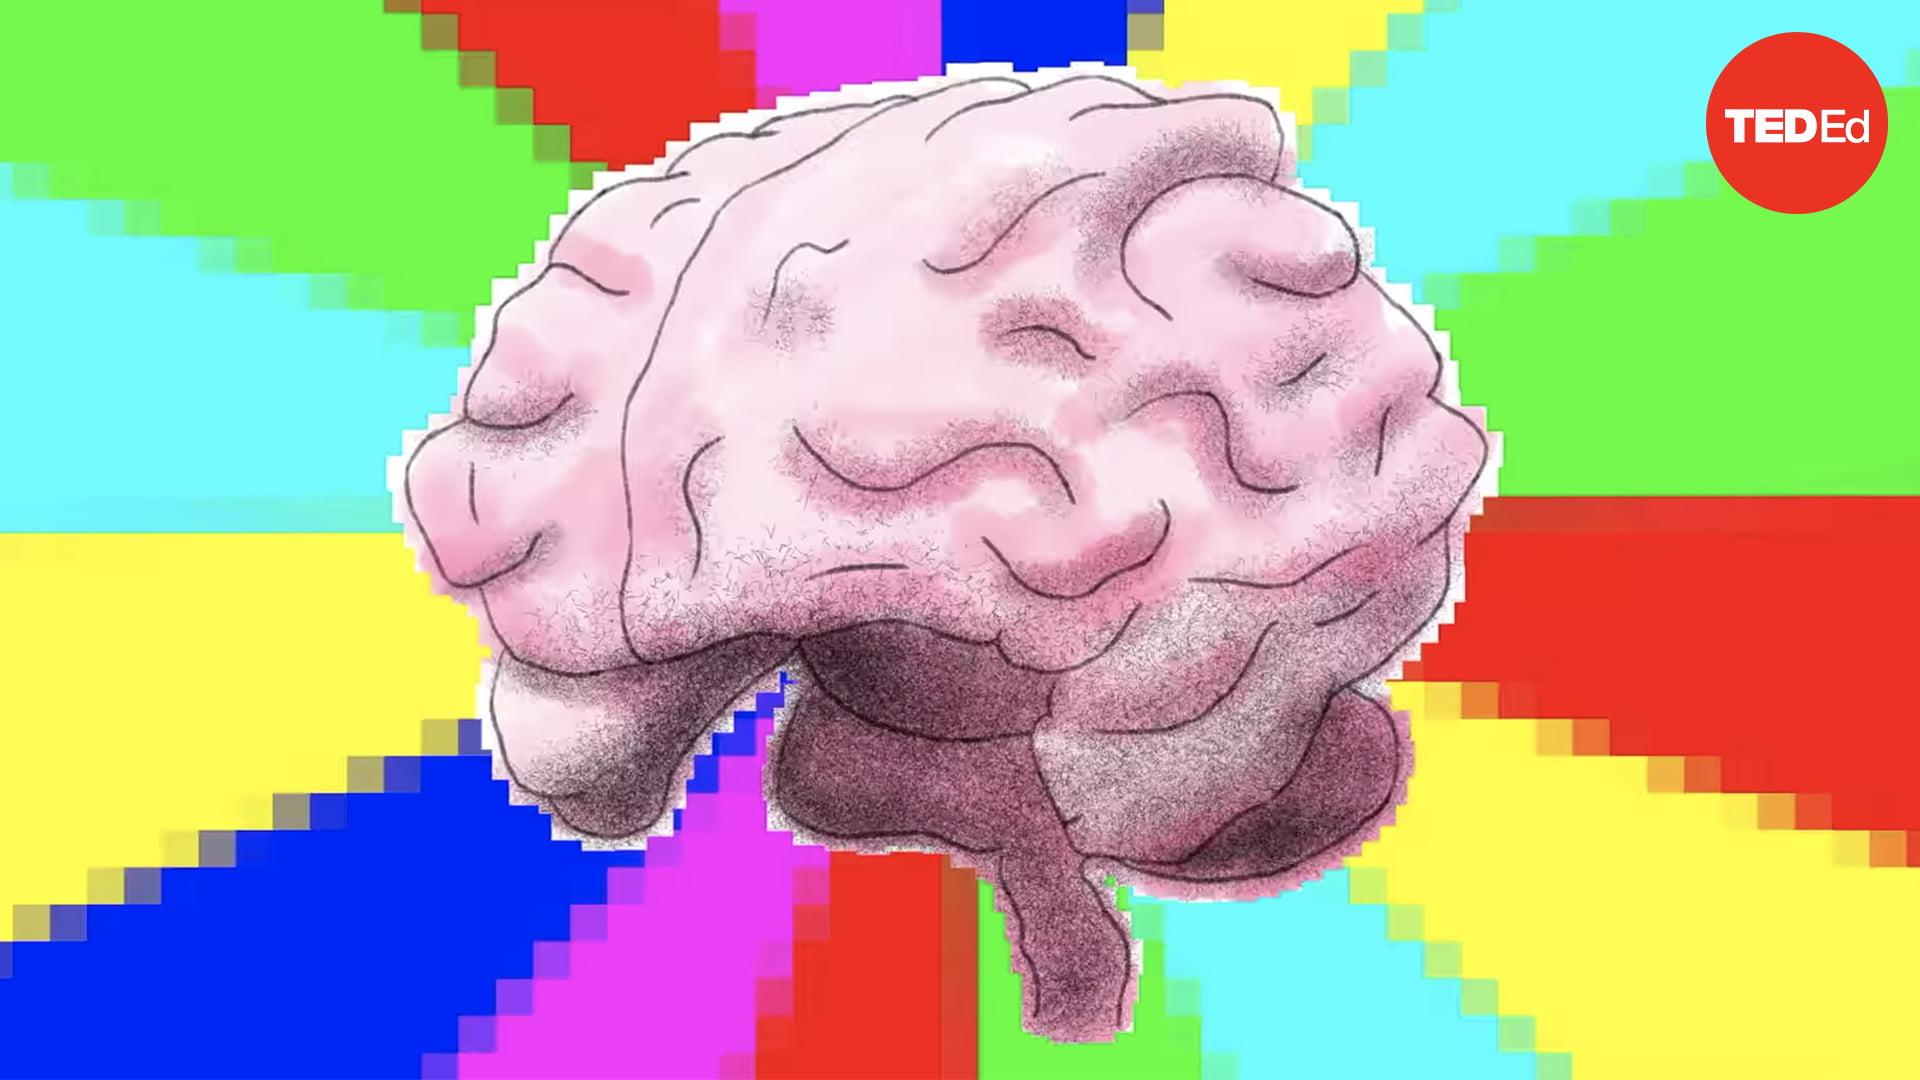 yaratıcılık, sol beyin, sağ beyin, mantık, Manşet, elizabeth waters, beyin